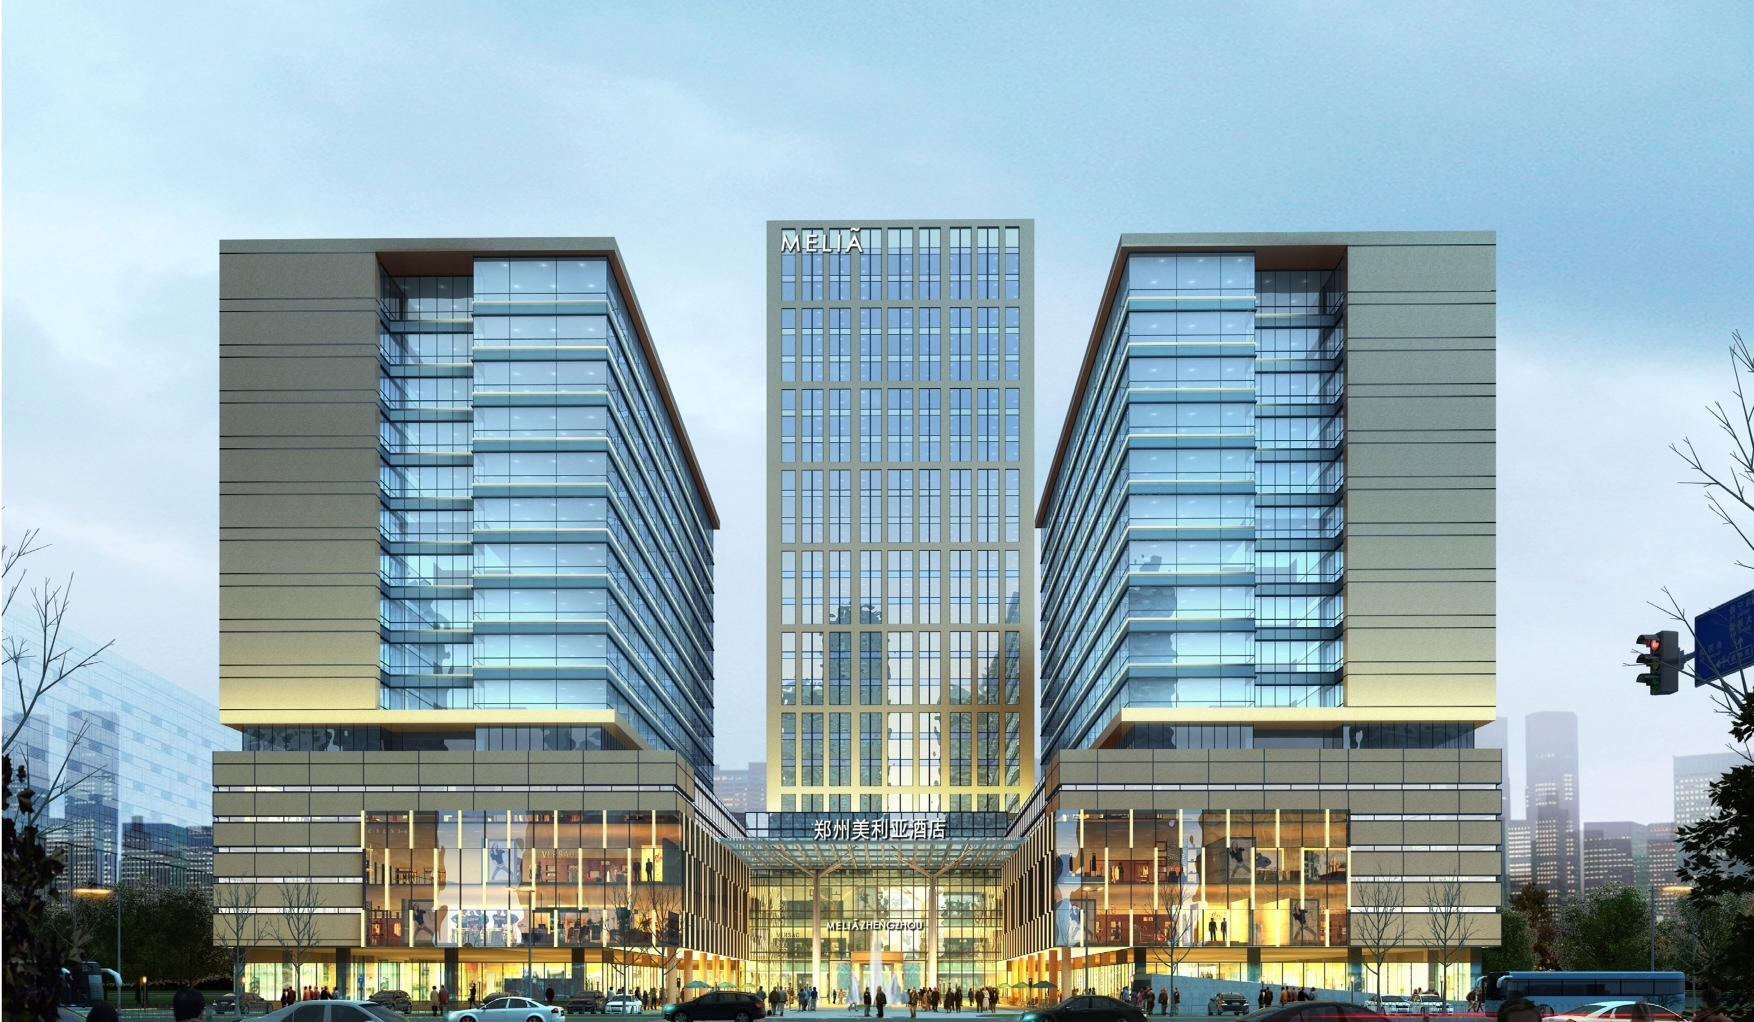 Meliá ouvrira 23 hôtels en 2018